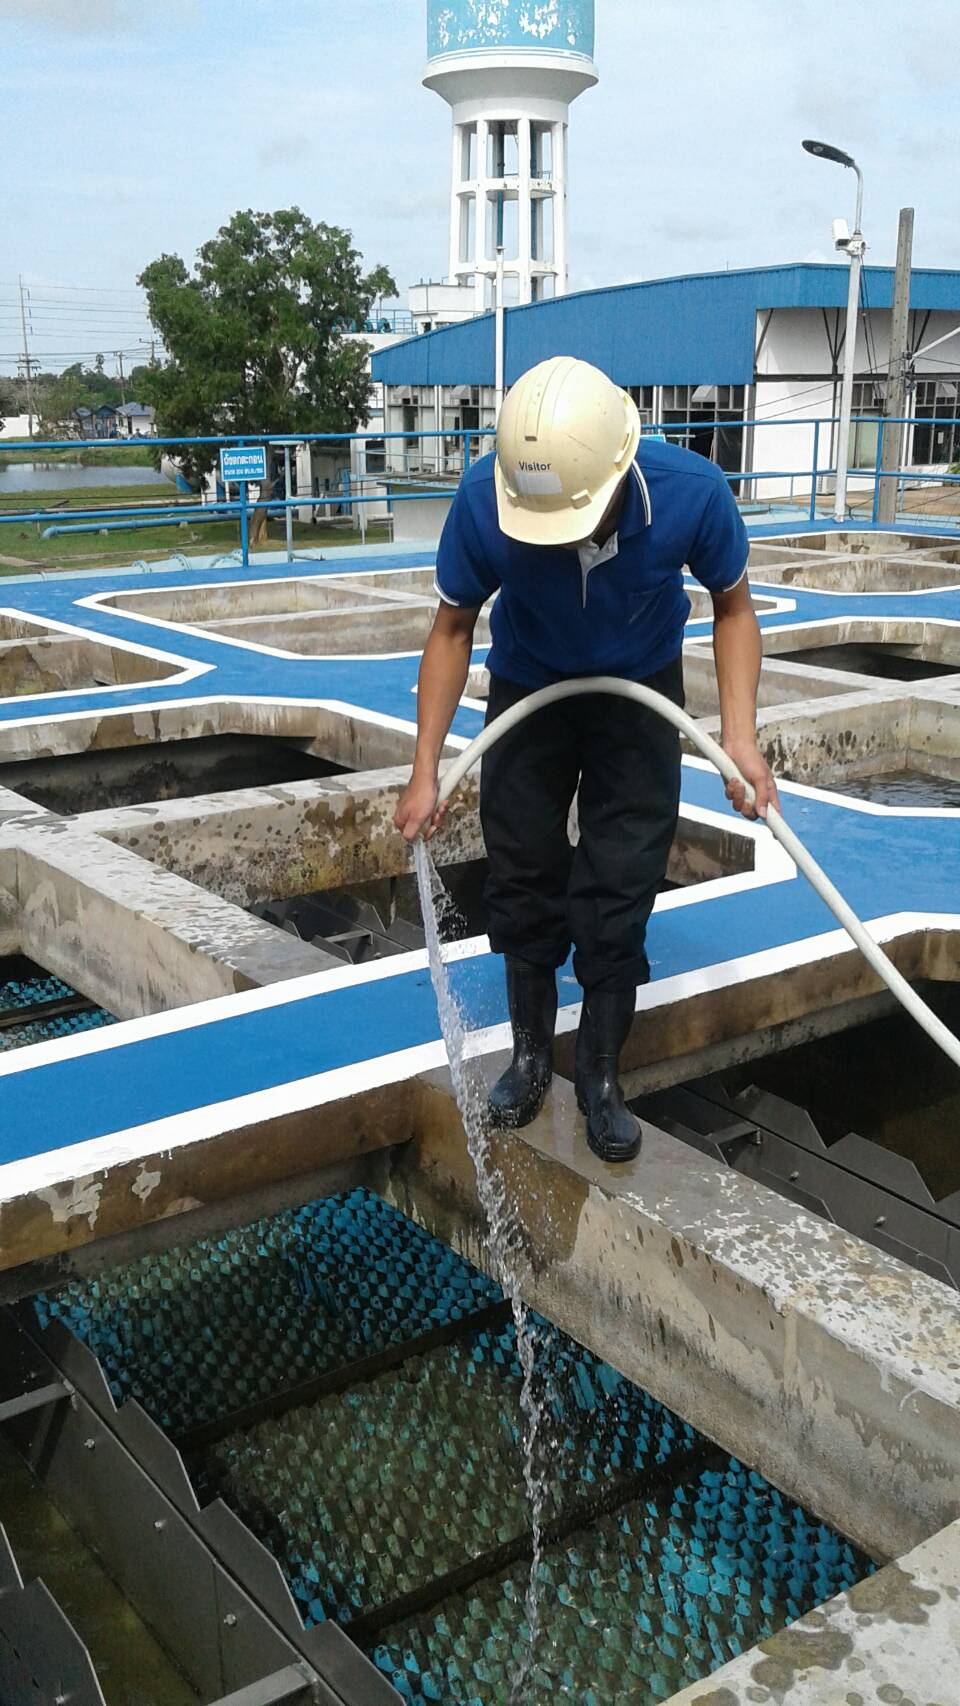 กปภ.สาขาฉะเชิงเทรา ดำเนินการล้างถังตกตะกอนตามโครงการบริหารจัดการน้ำสะอาด Water Safety Plan